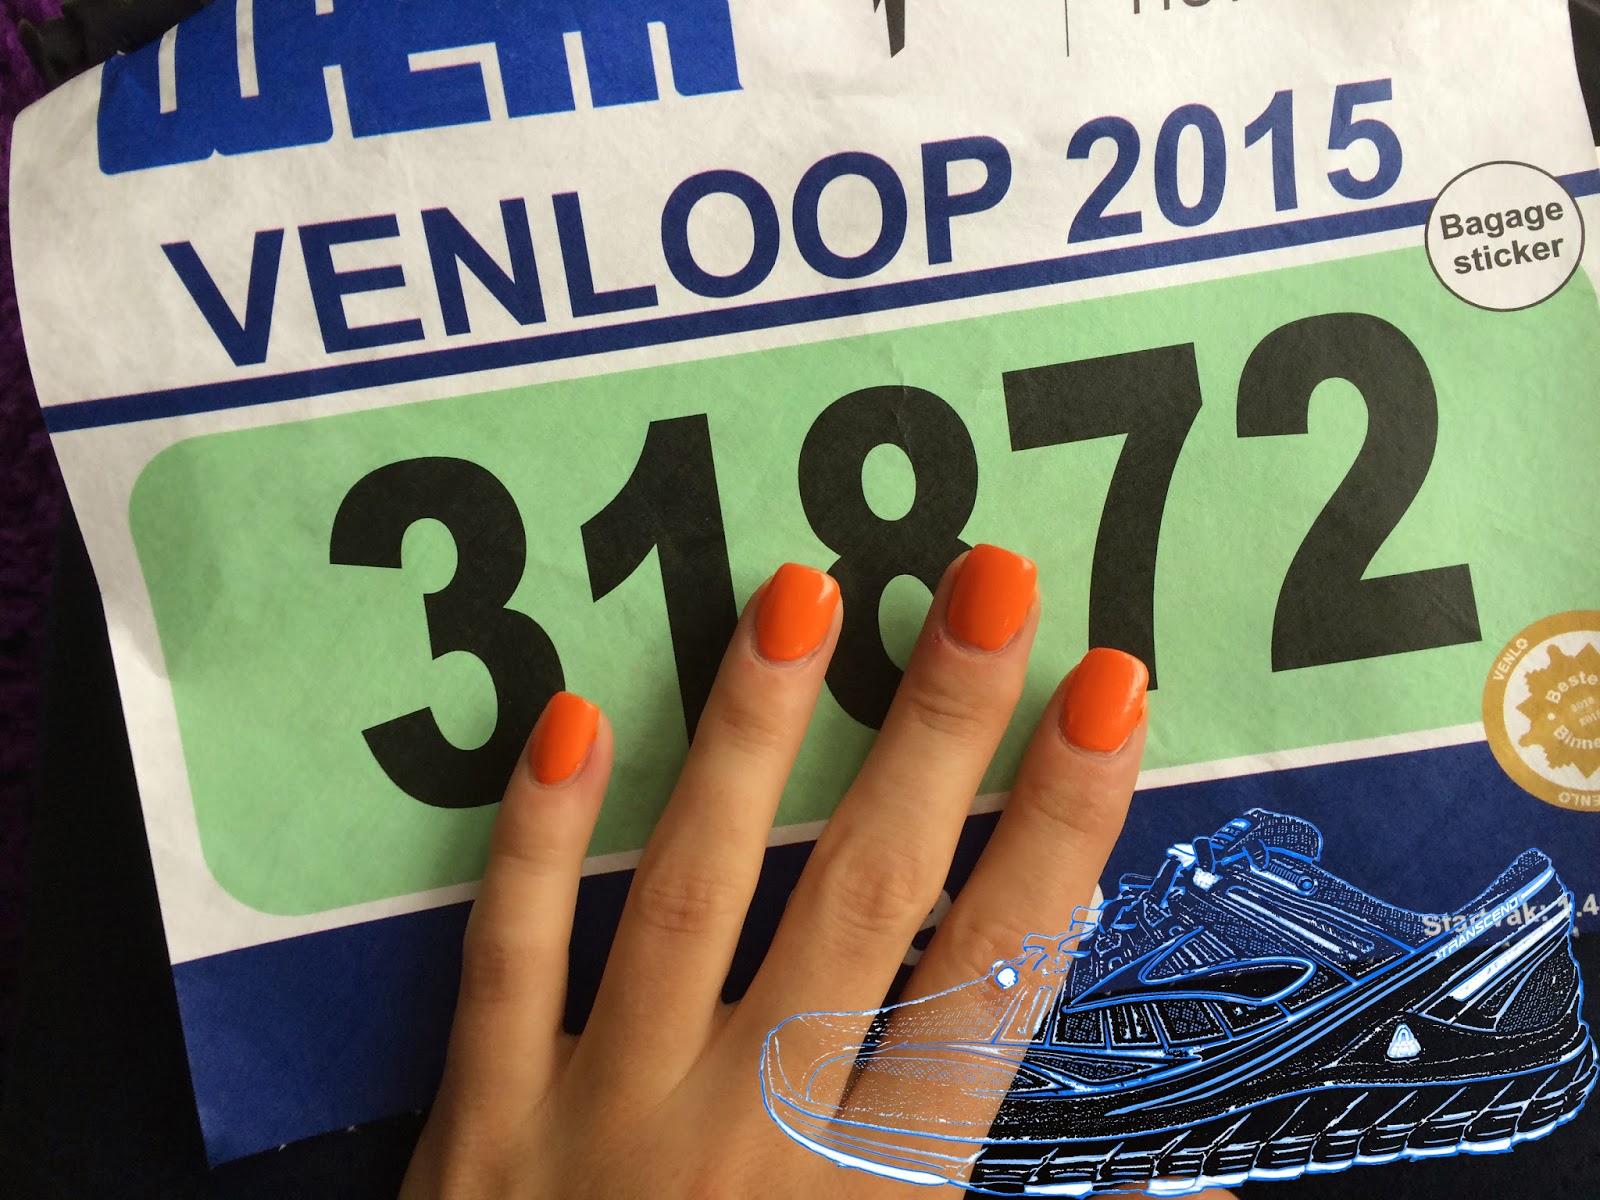 http://meckycaro.blogspot.de/2015/03/wettkampf-venloop-2015.html